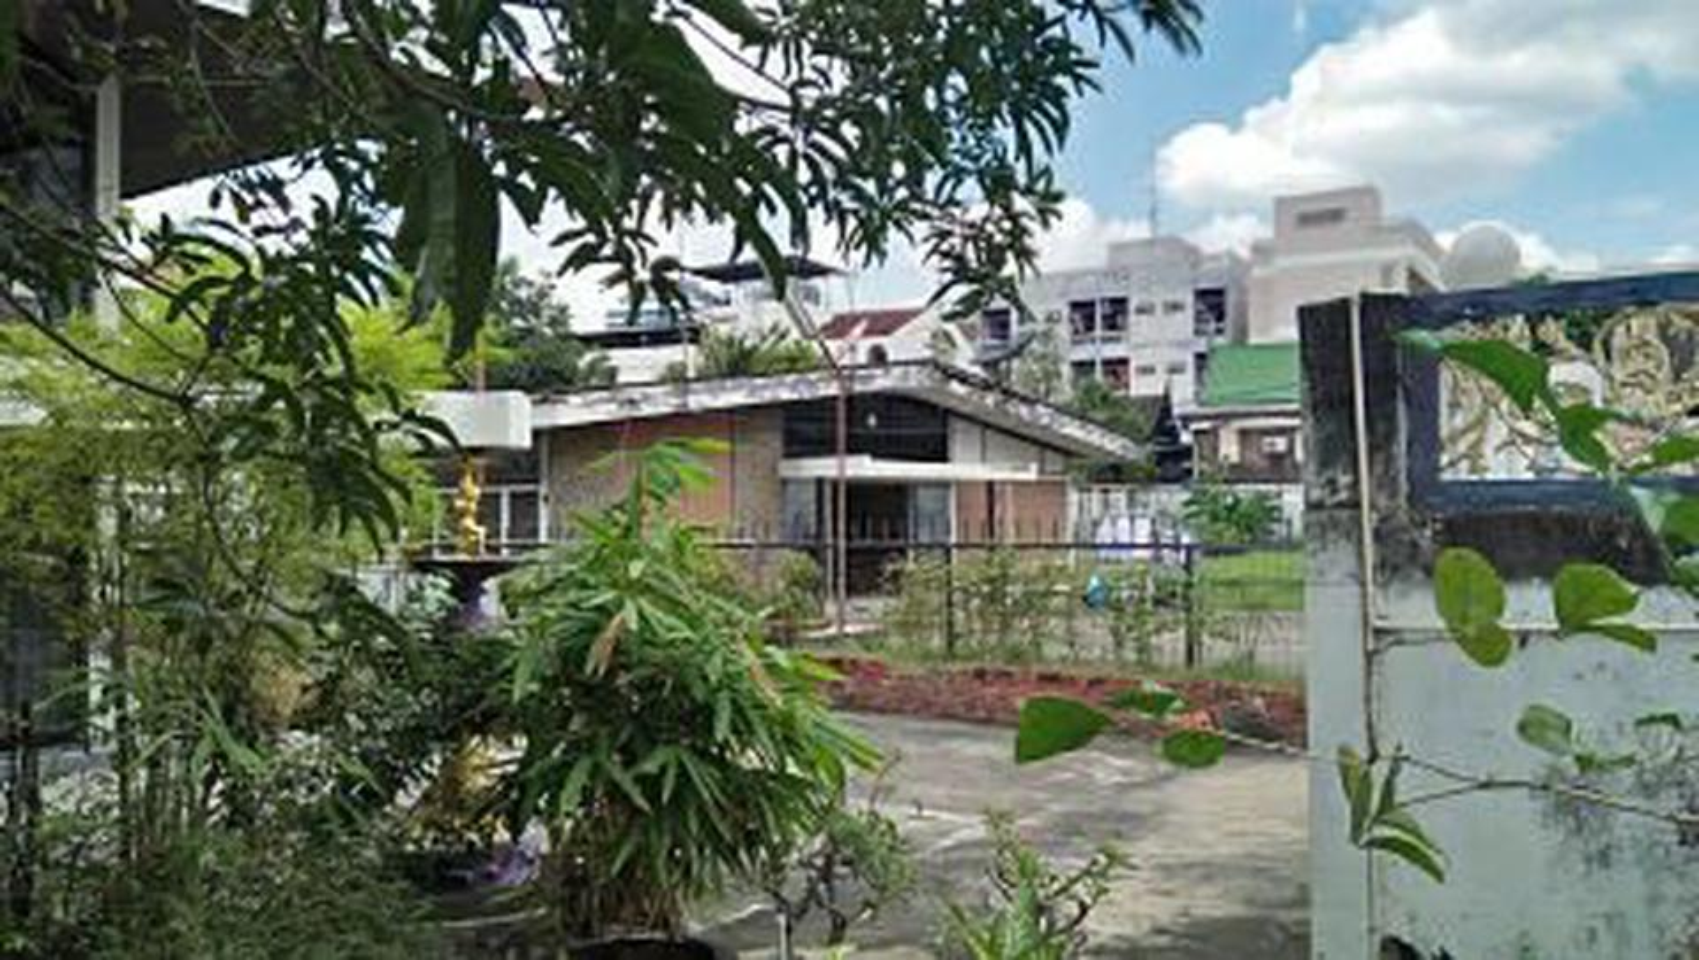 ขายที่ดินเหมาะปลูกบ้าน ที่ดินสวยมากสี่เหลี่ยมจัตุรัส  เสนอขา รูปที่ 1